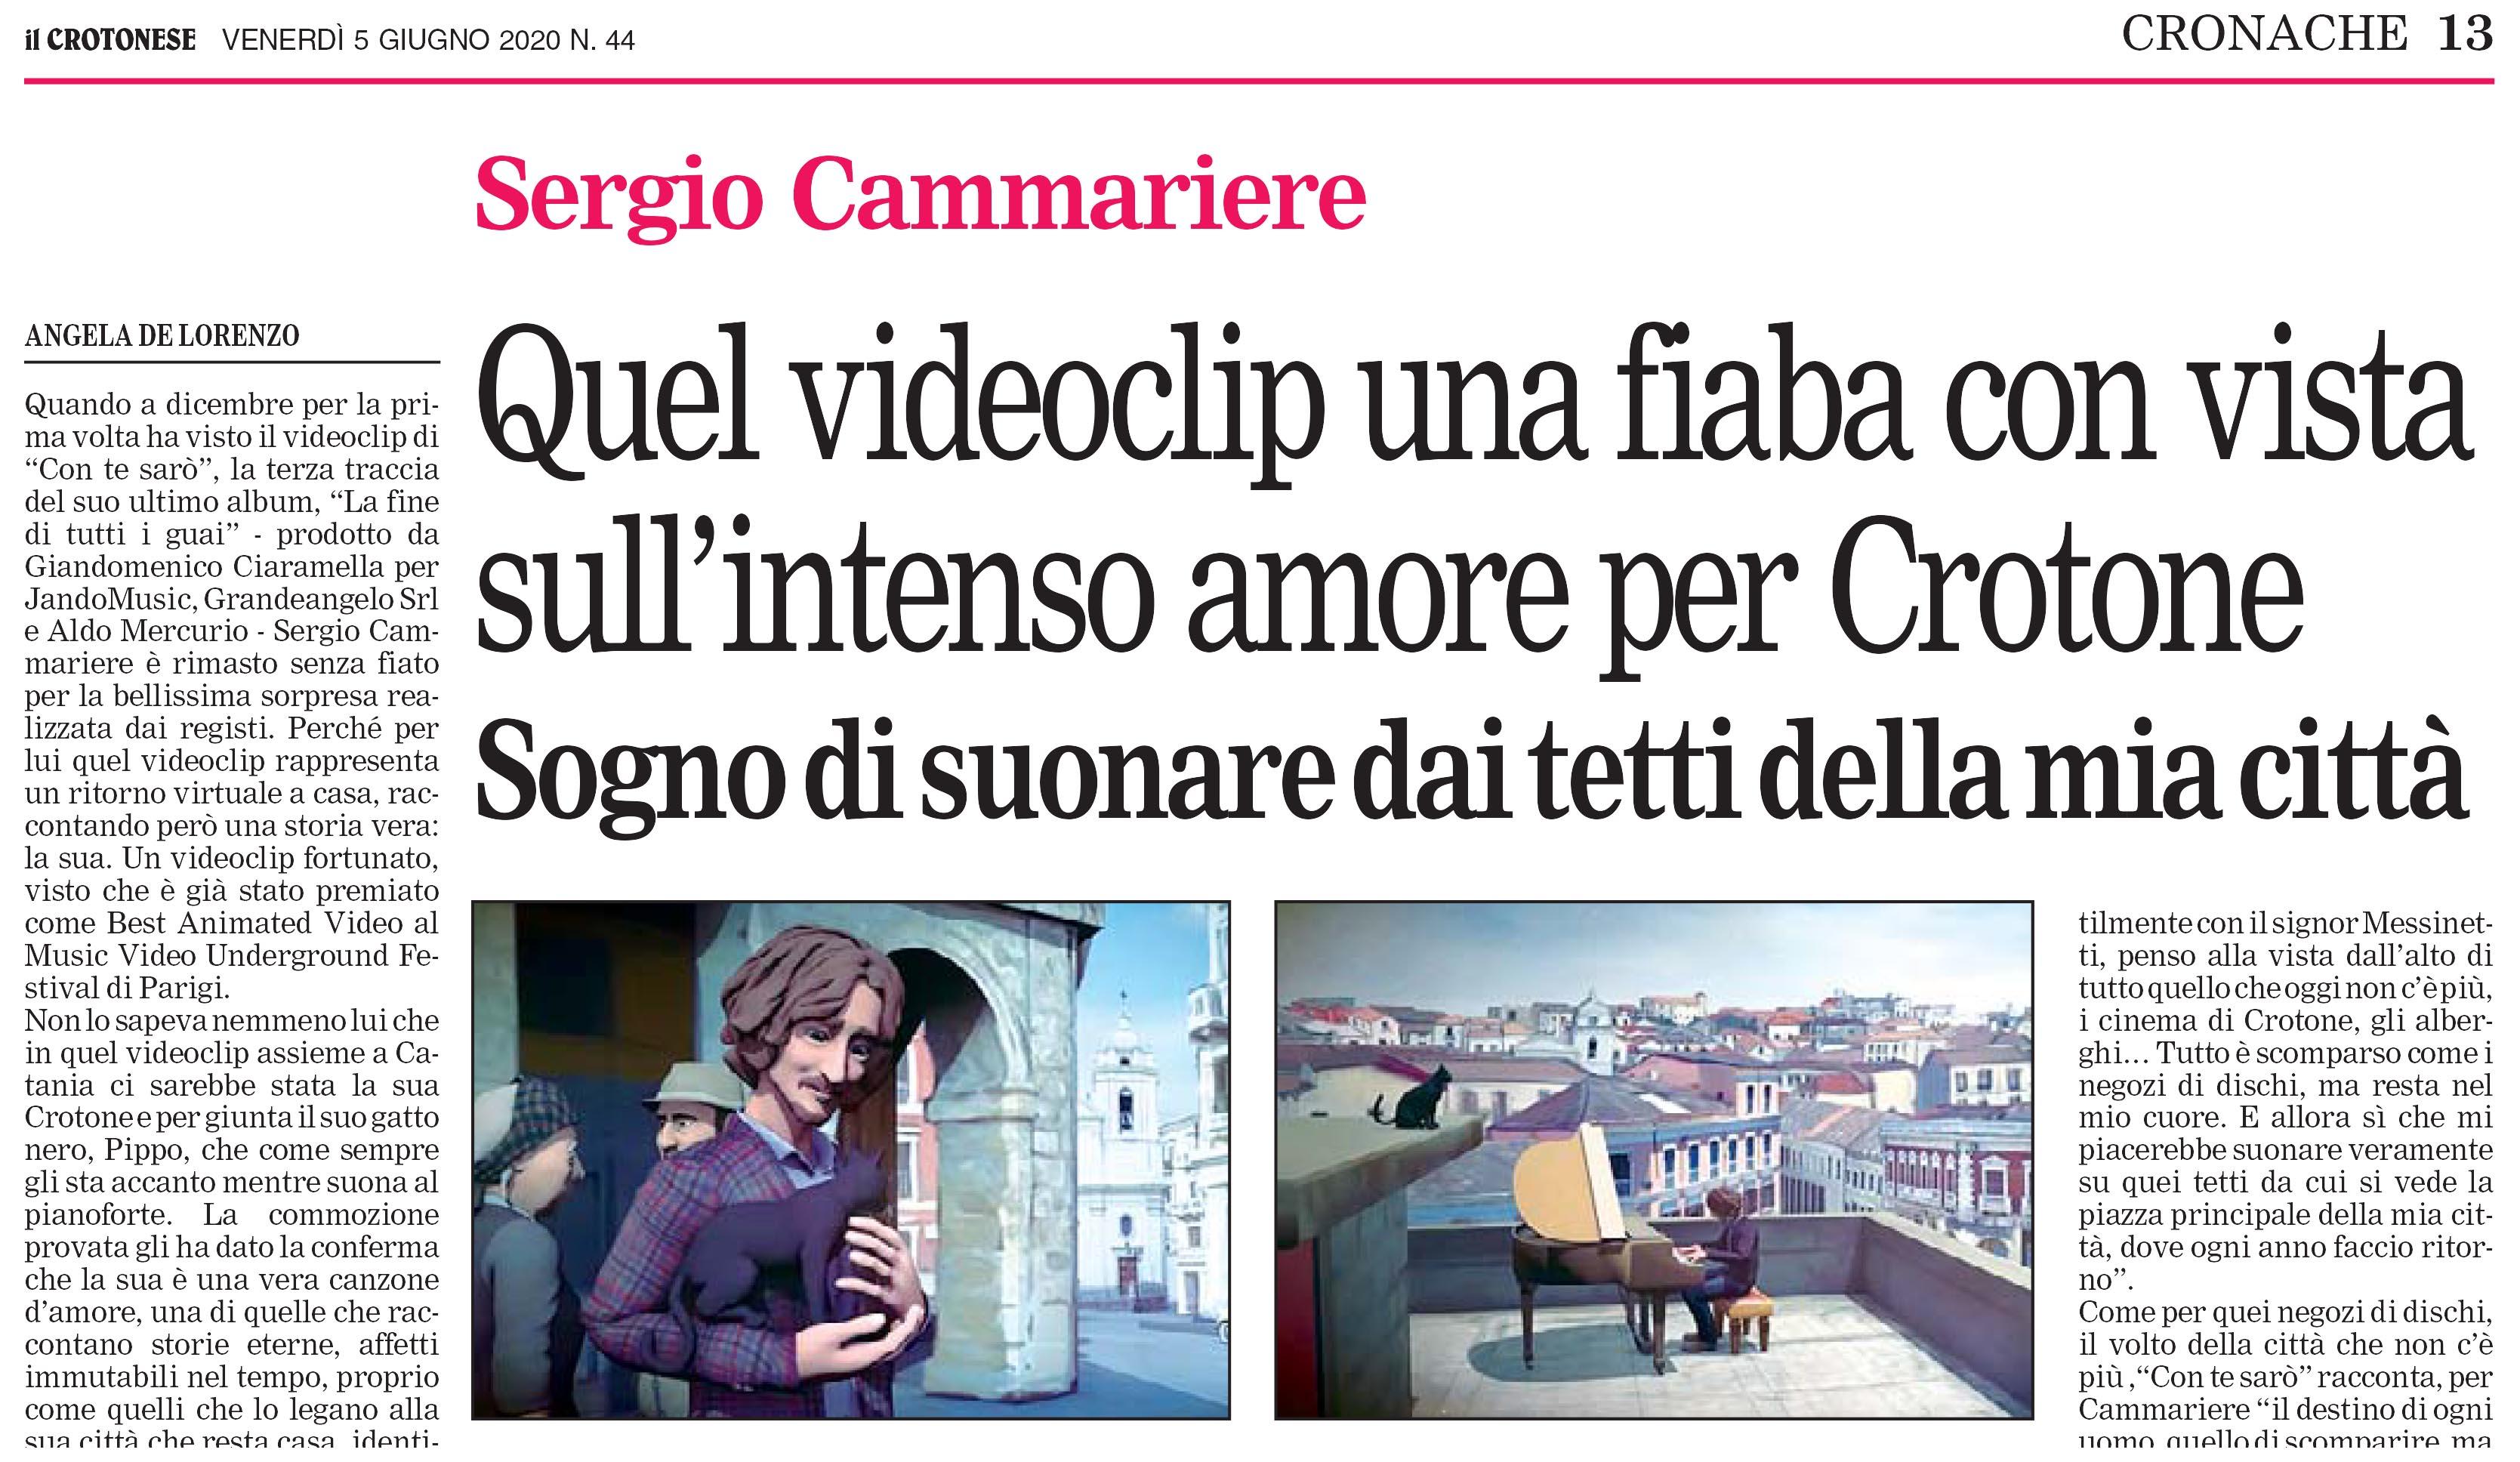 Articolo IL CROTONESE Video Singolo Sergio Cammariere